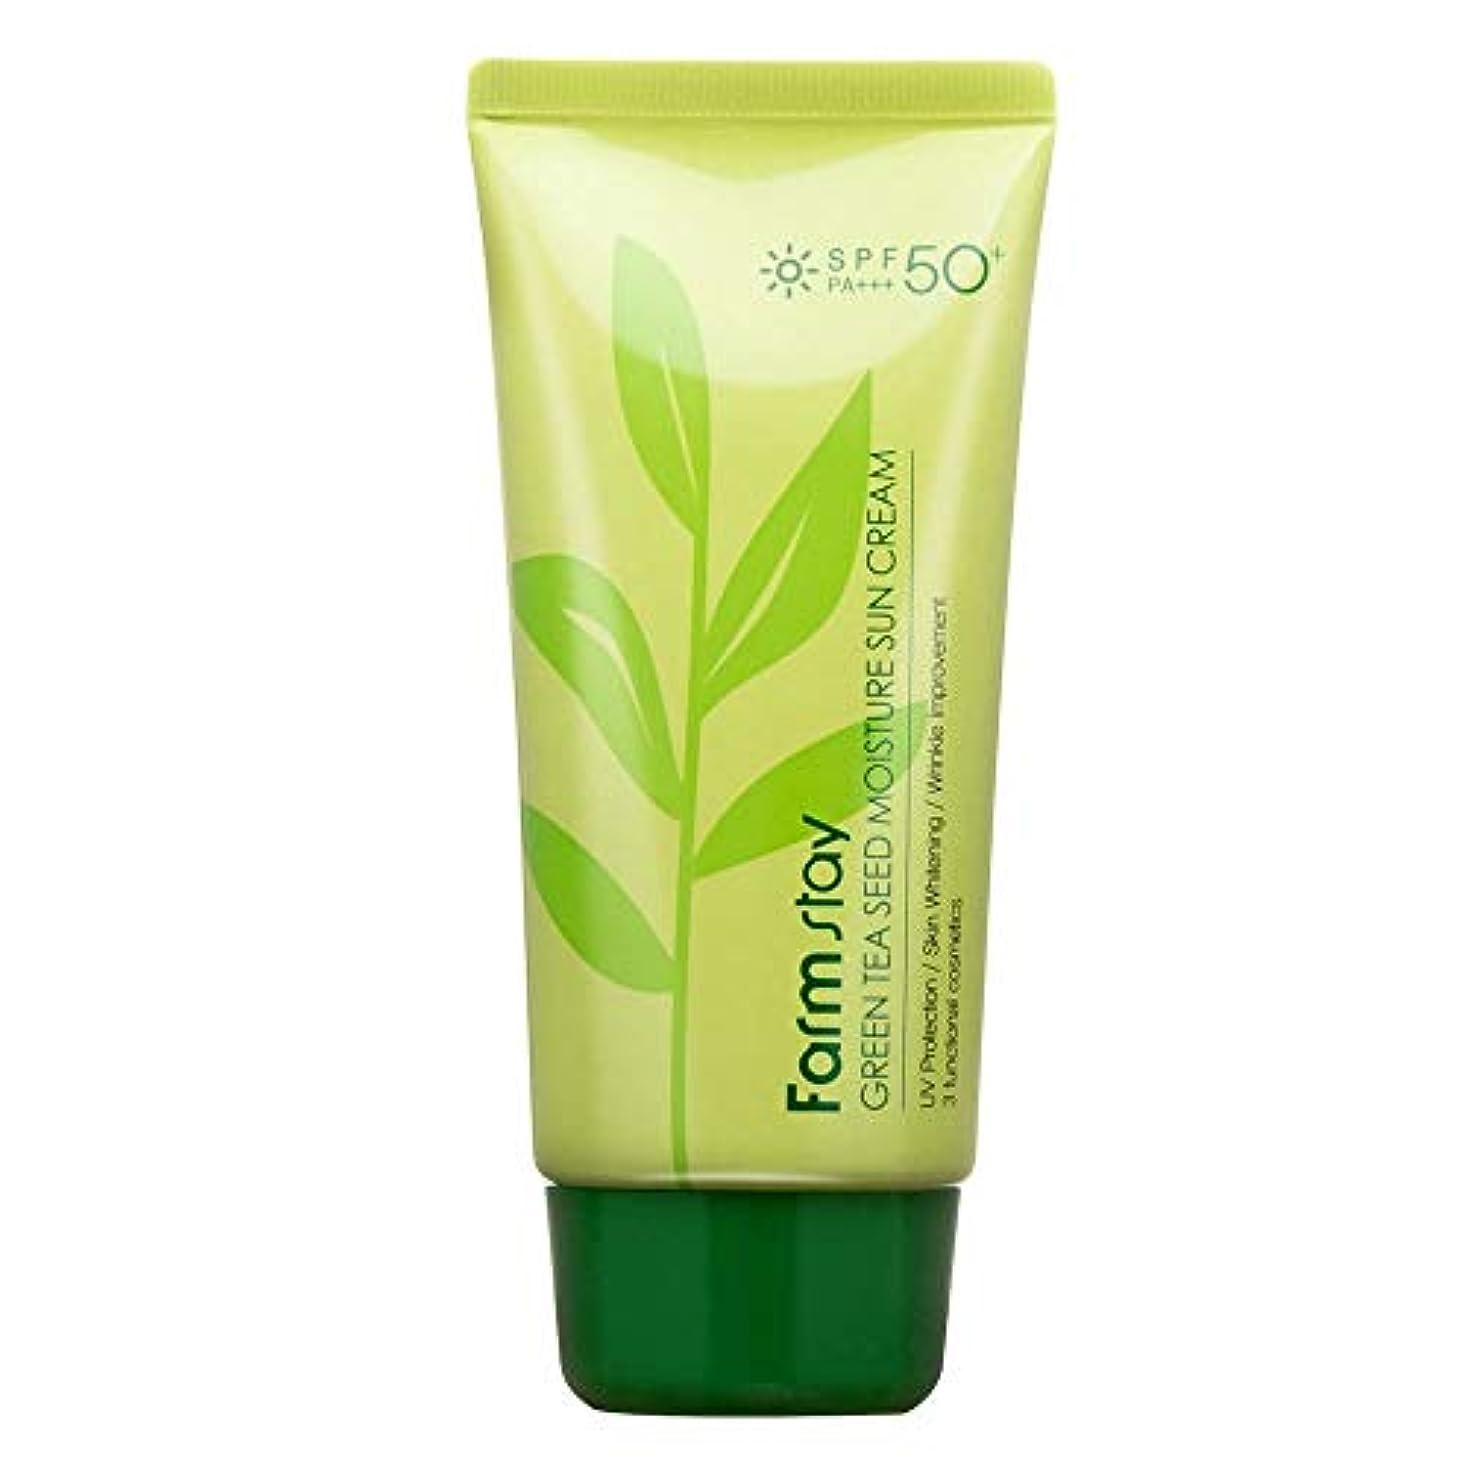 イノセンス壮大全能ファームステイ[Farm Stay] グリーンティーシードモイスチャーサンクリーム 70g (美白&しわ防止) / Green Tea Seed Moisture Sun Cream